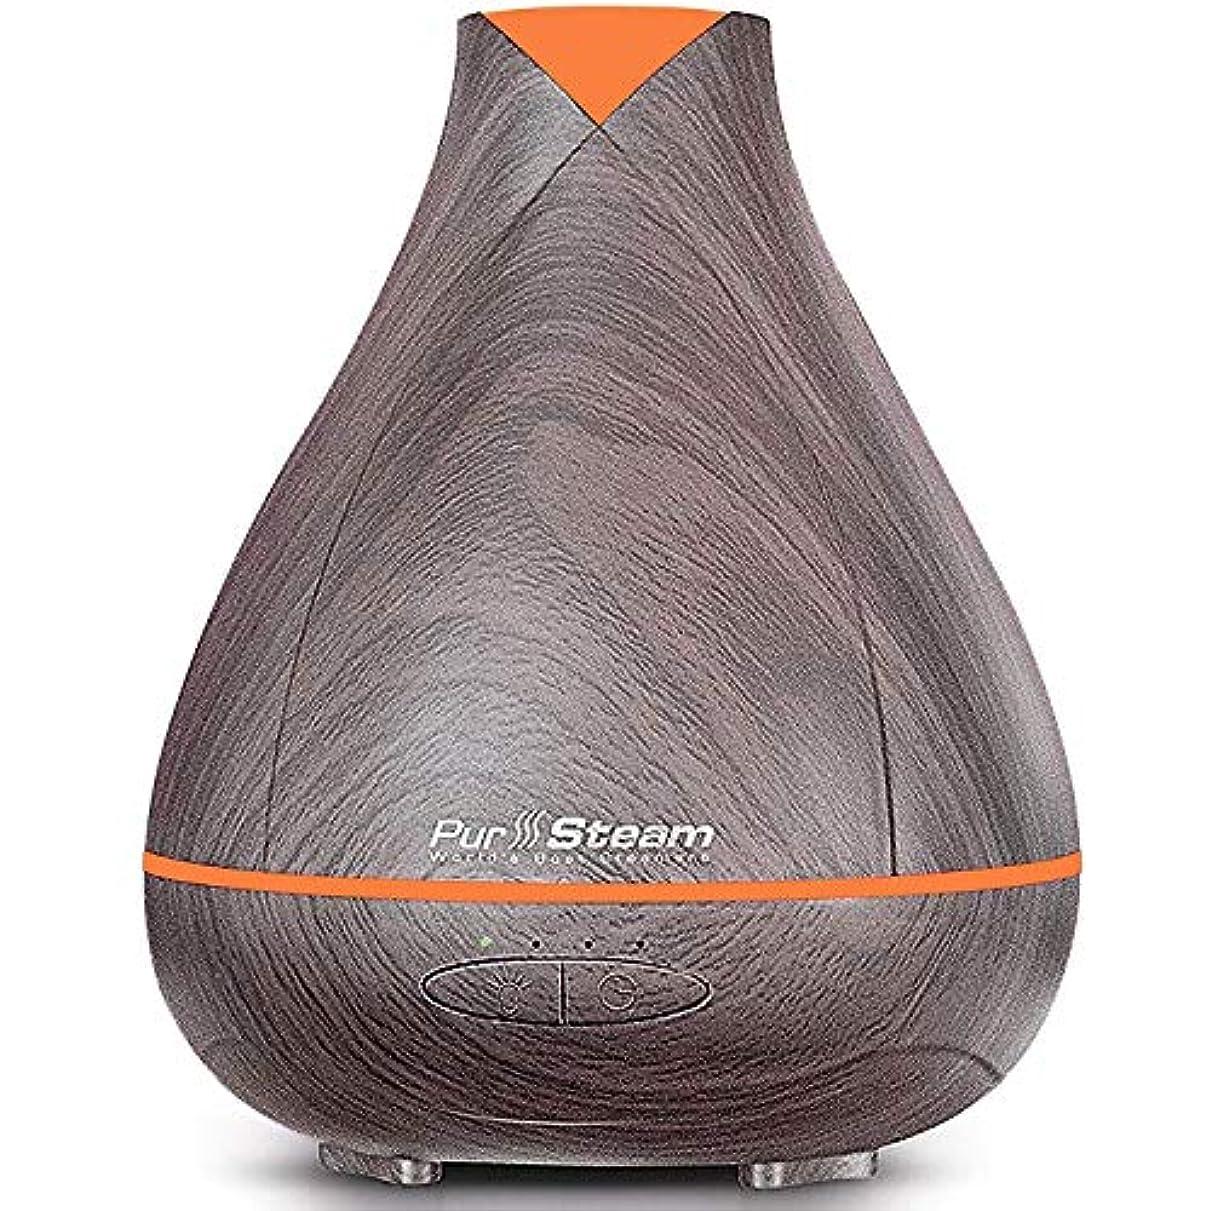 幻想争いガラガラPurSteam Essential Oil Diffuser, Wood Grain Aromatherapy Diffuser Ultrasonic Cool Mist Humidifier with Color LED...